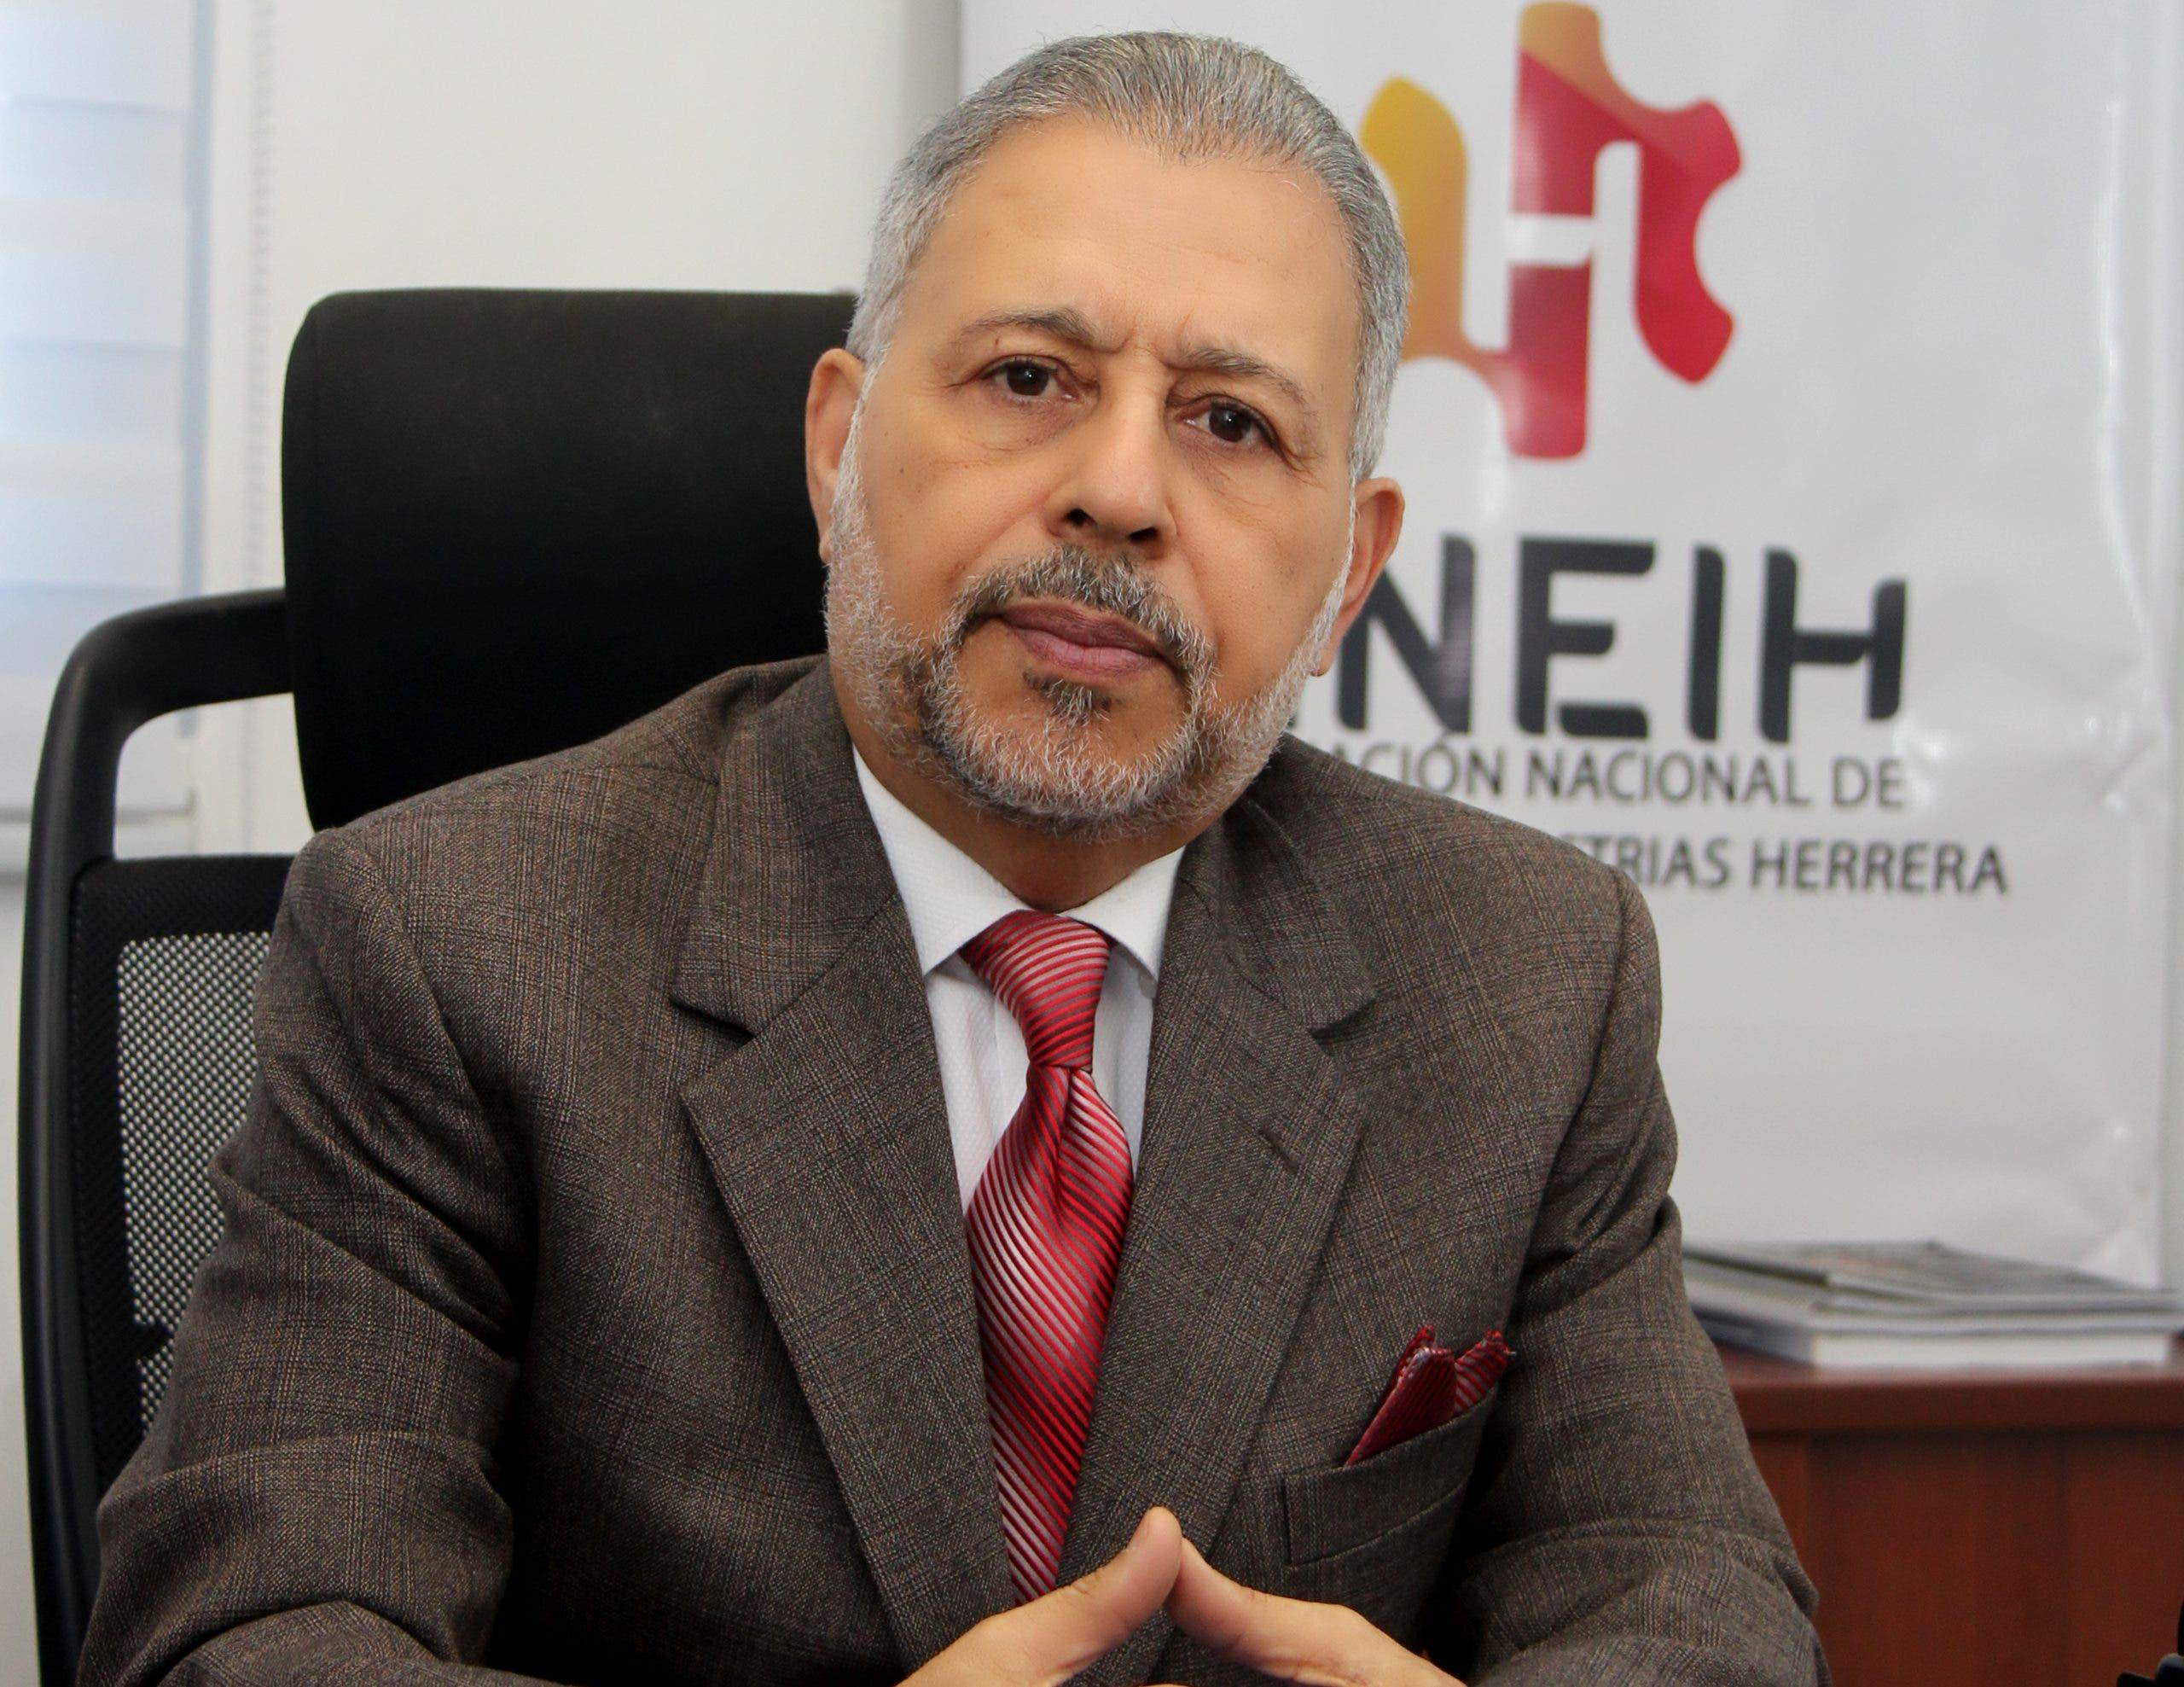 Empresarios Herrera valoran de transcendente emisión de bonos; piden transparentar ejecución